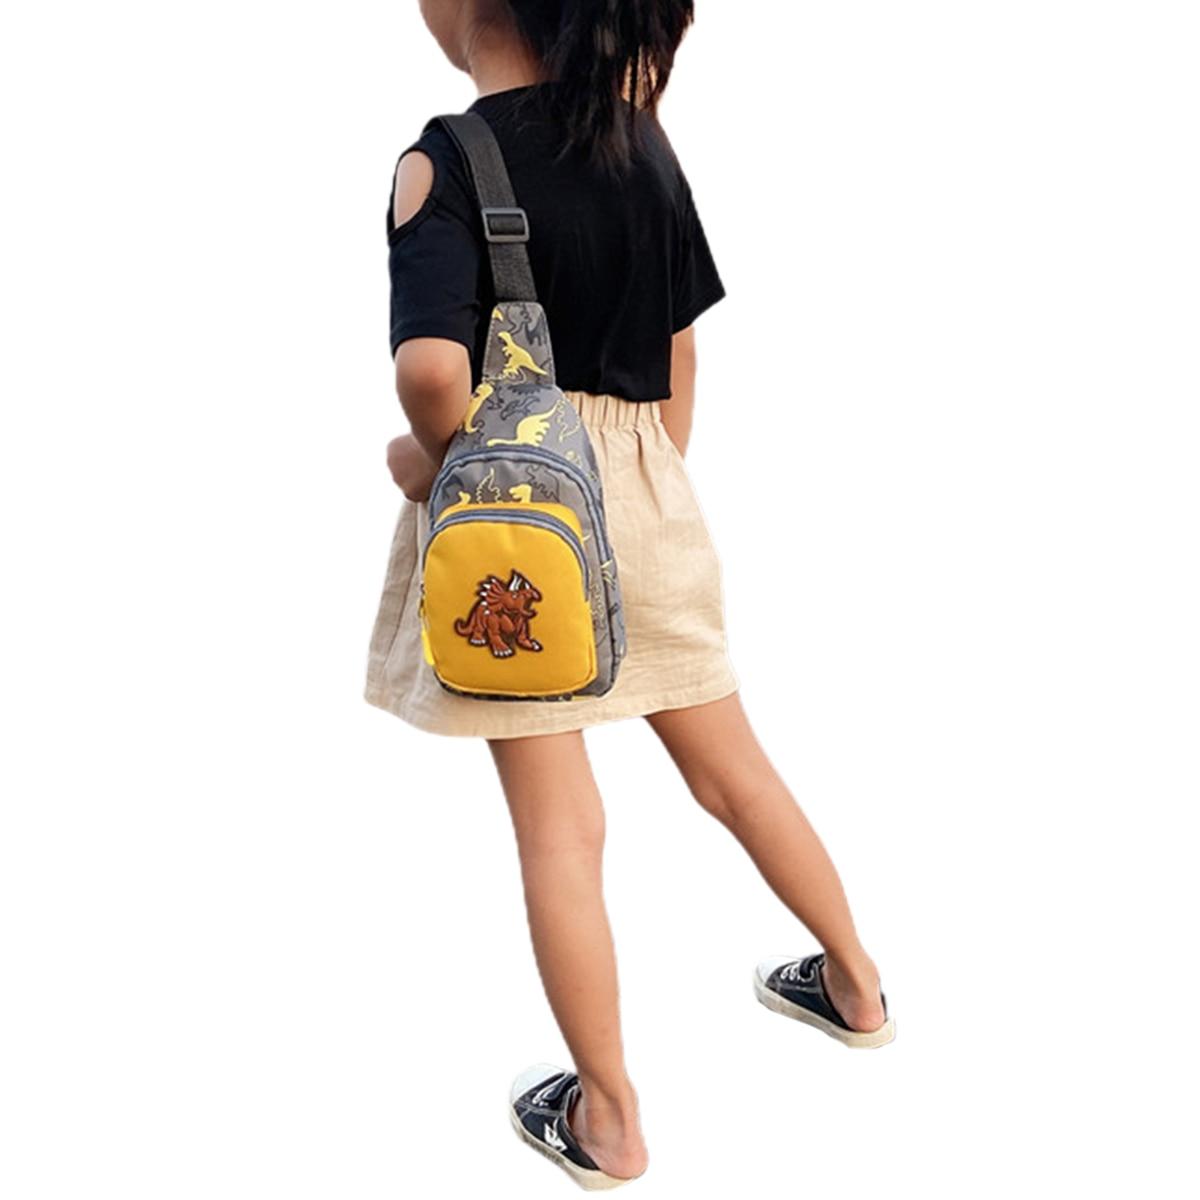 2020 Children Fashion Dinosaur Pattern Crossbody Shoulder Bag Mini Sling Backpack Chest Bags Travel Daypack for Boys Girls